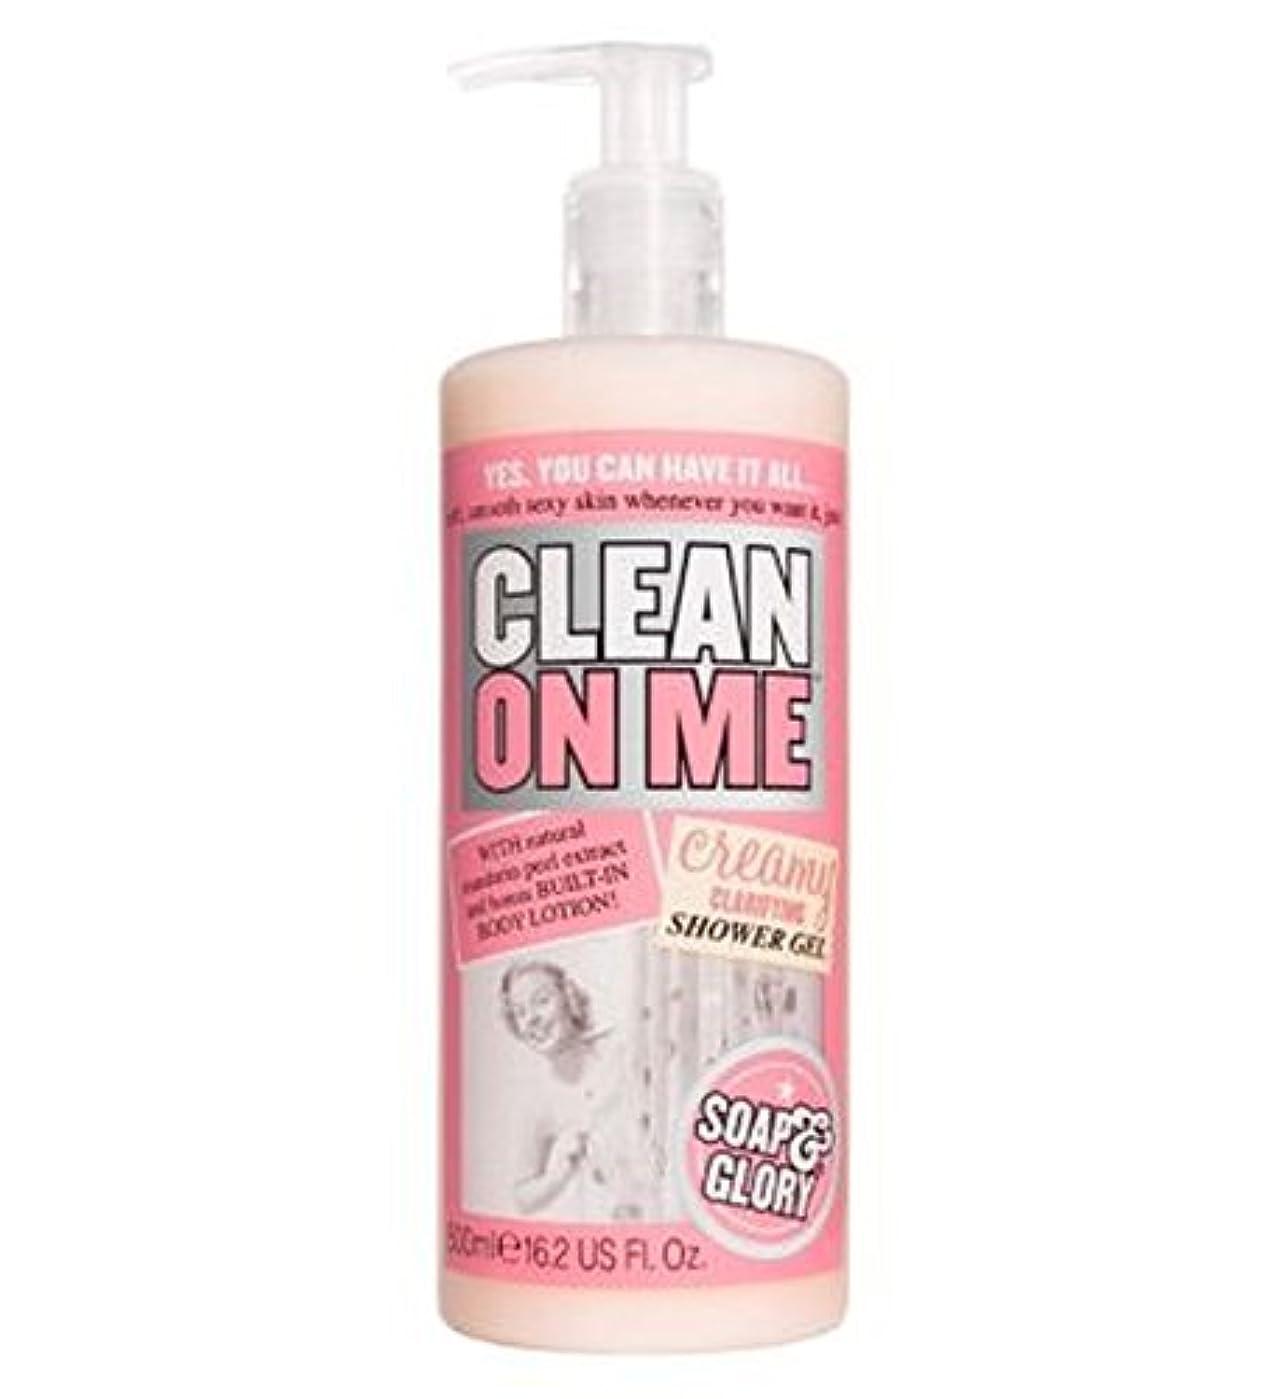 最大限聞きます遊び場Soap & Glory Clean On Me Creamy Clarifying Shower Gel 500ml - 私にきれいな石鹸&栄光はシャワージェル500ミリリットルを明確にクリーミー (Soap & Glory...